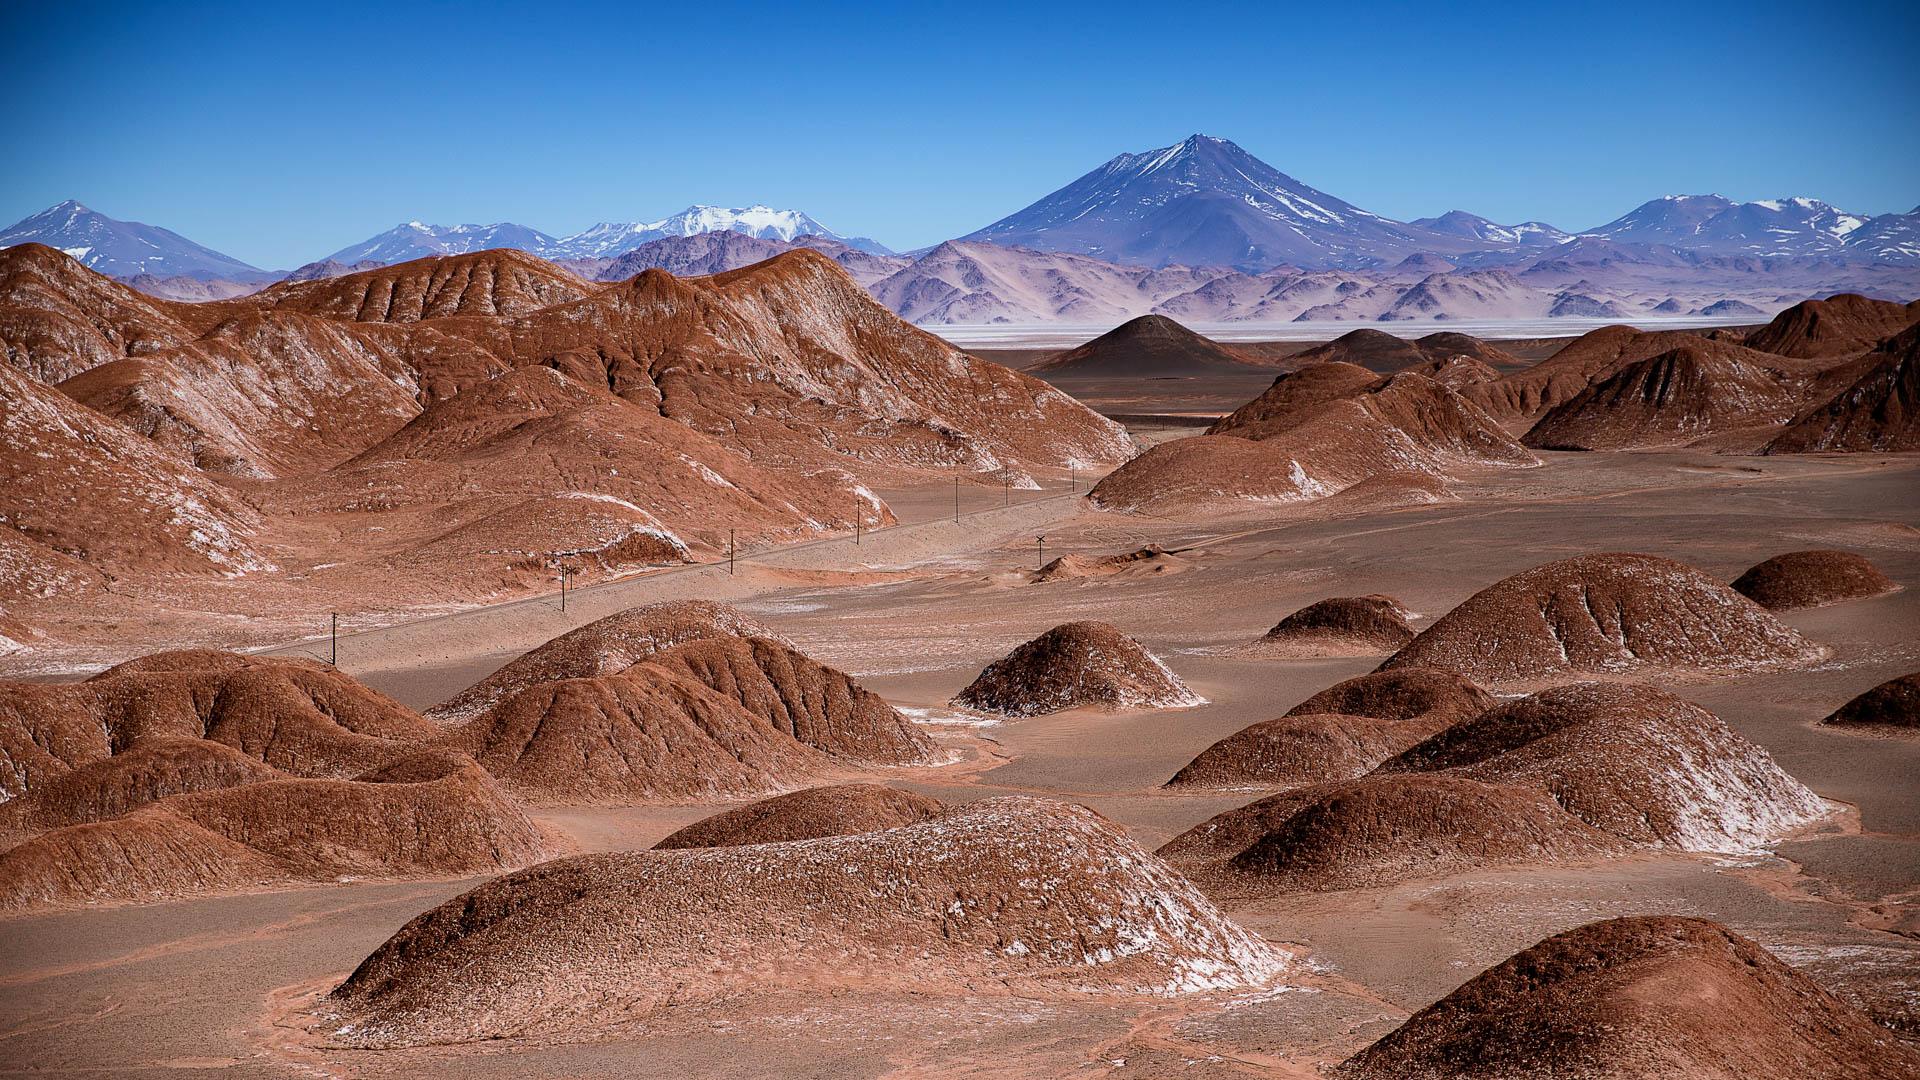 Los montículos de arenisca roja que rodean al pueblo de Tolar Grande. Al fondo, volcanes cordilleranos.